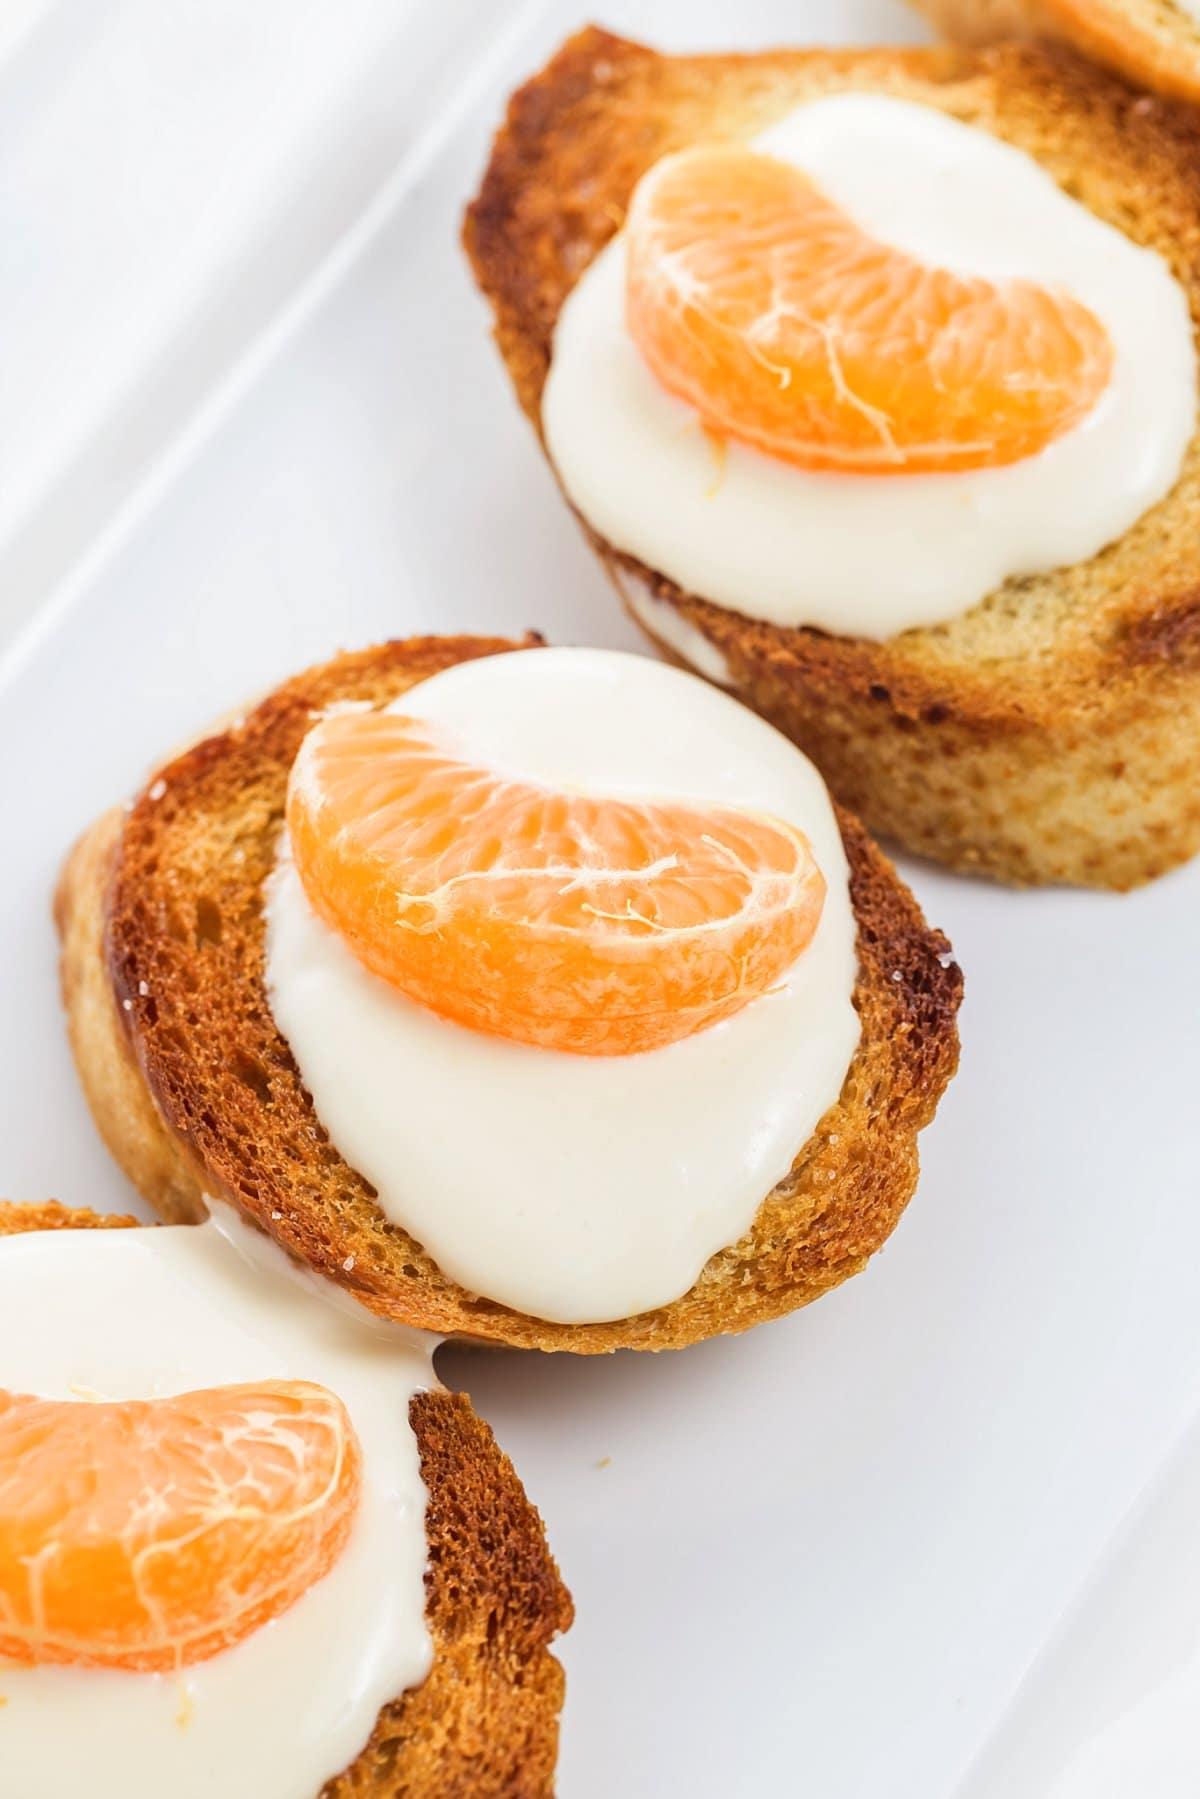 Honey tangerine goat cheese crostini.